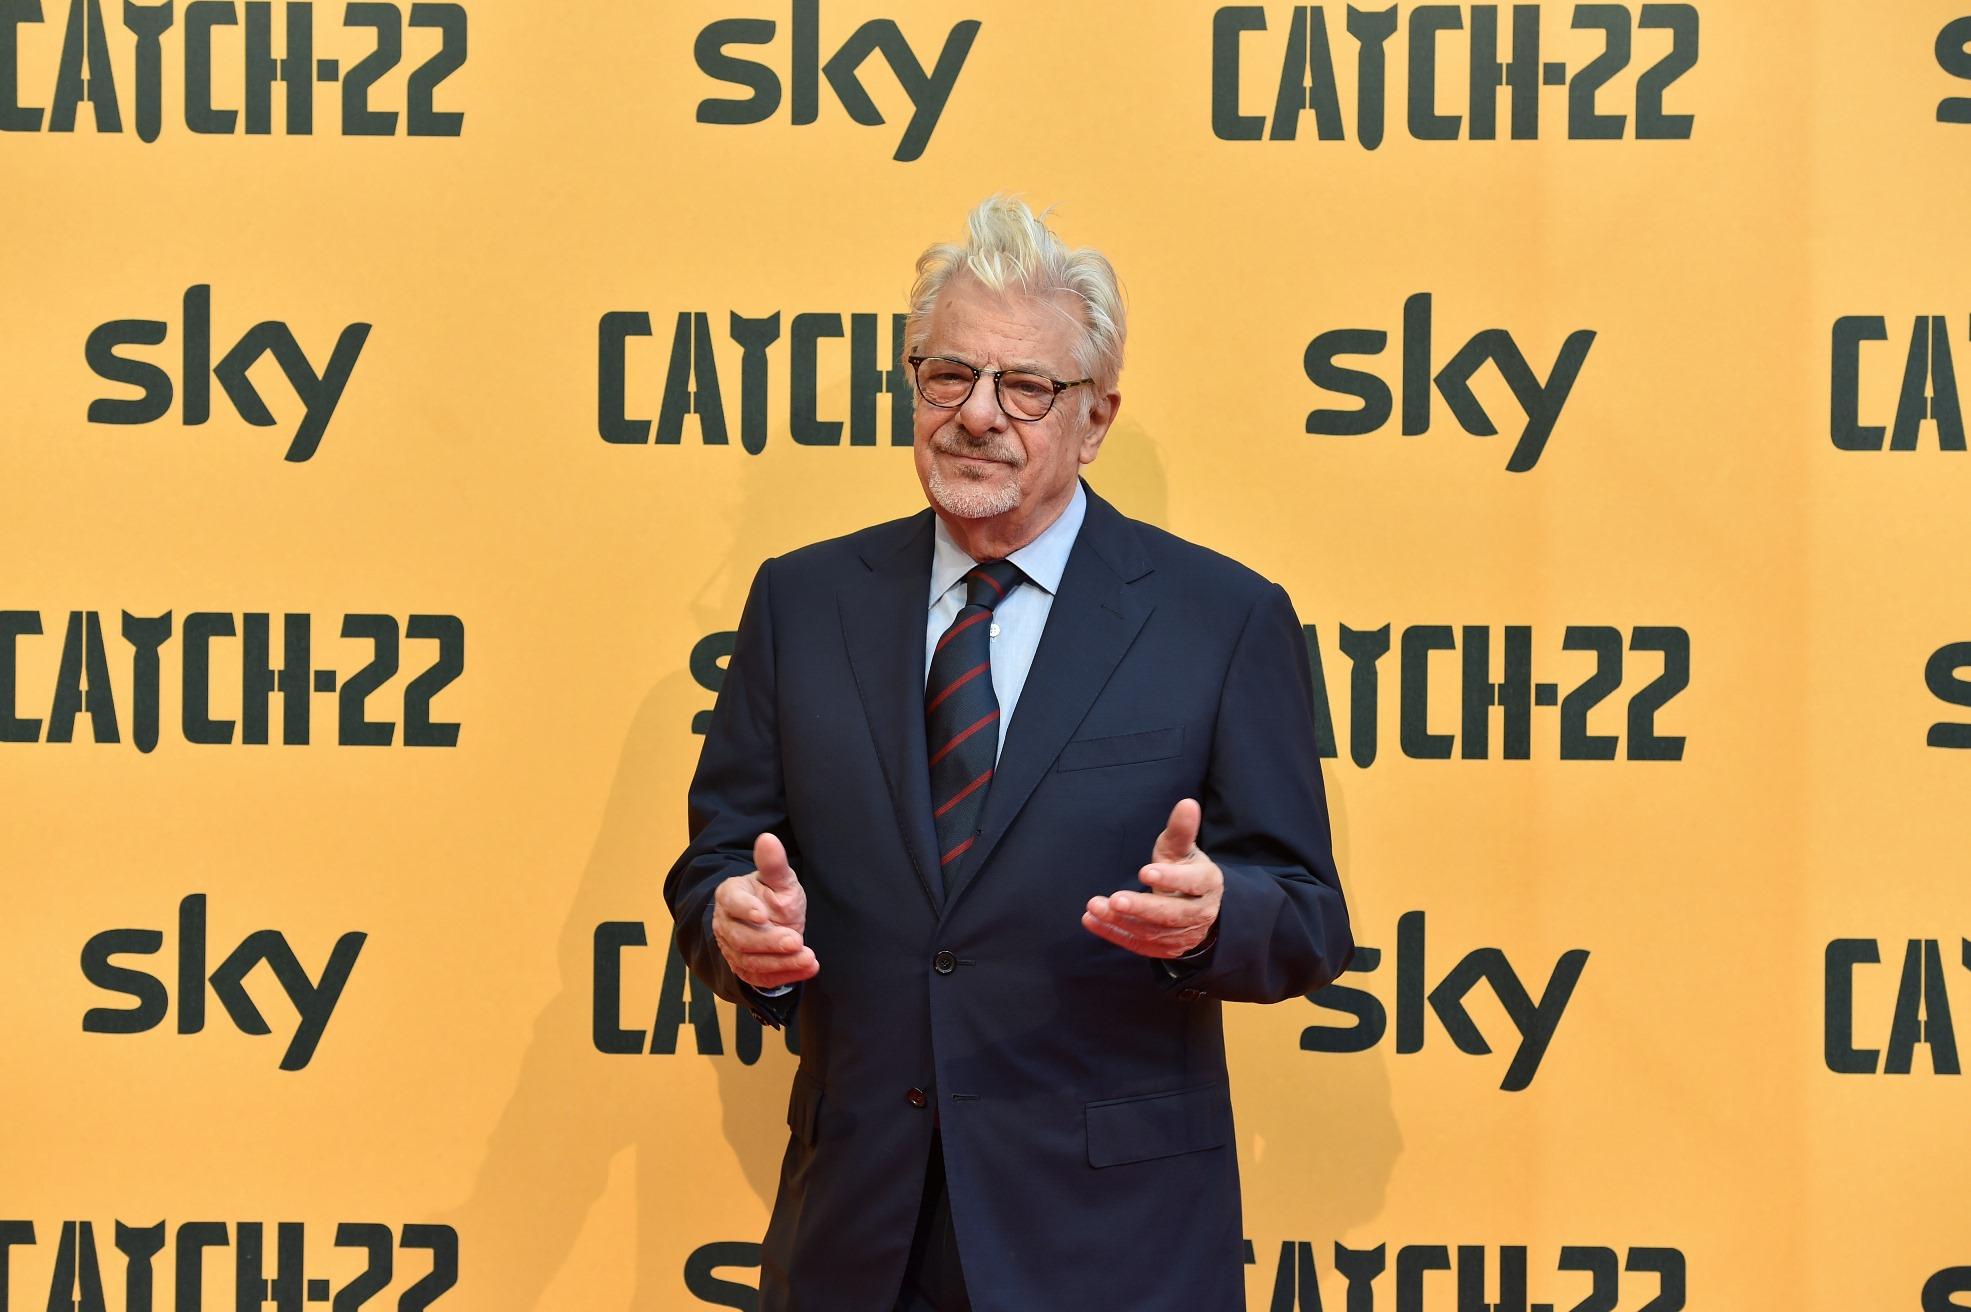 Catch-22: Giancarlo Giannini in una foto della premiere europea a Roma presso il The Space Cinema Moderno